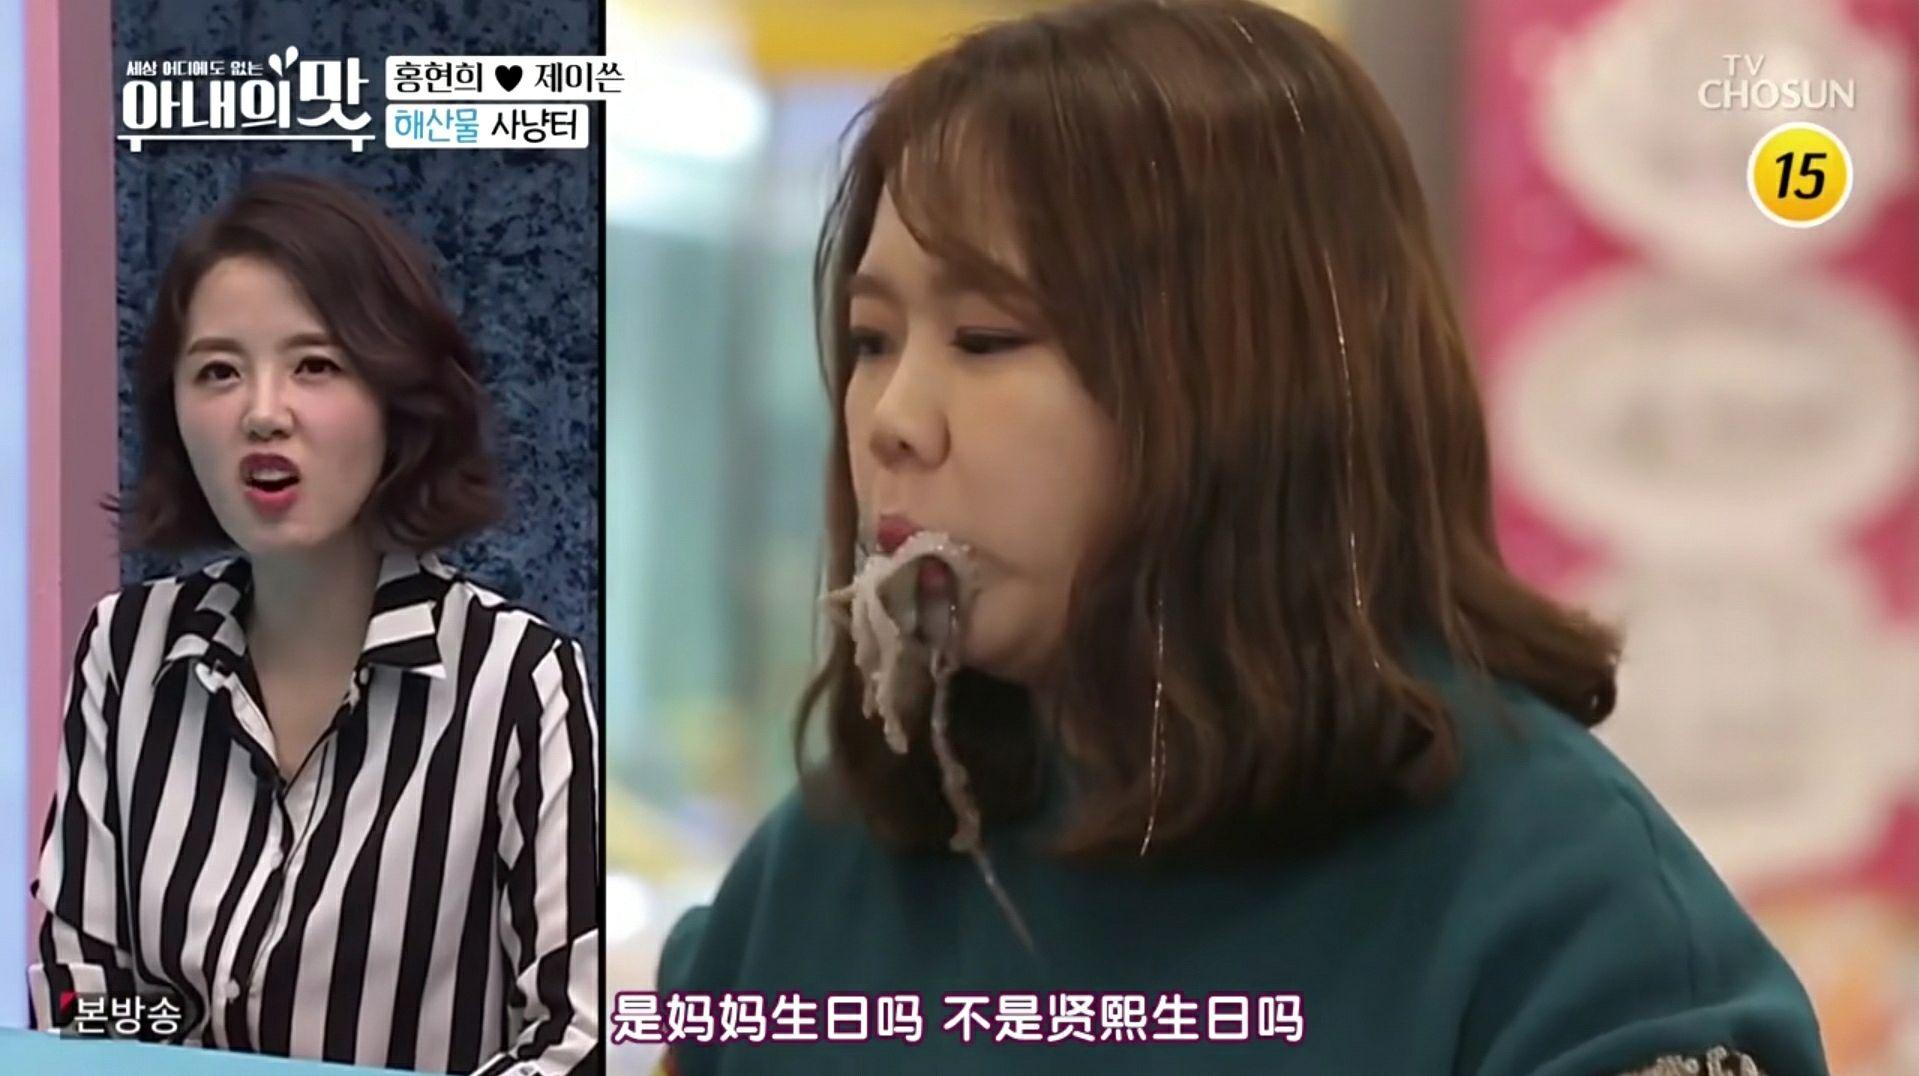 韩国女星为了收视率,不要形象当众生吃海鲜,老公一脸嫌弃!